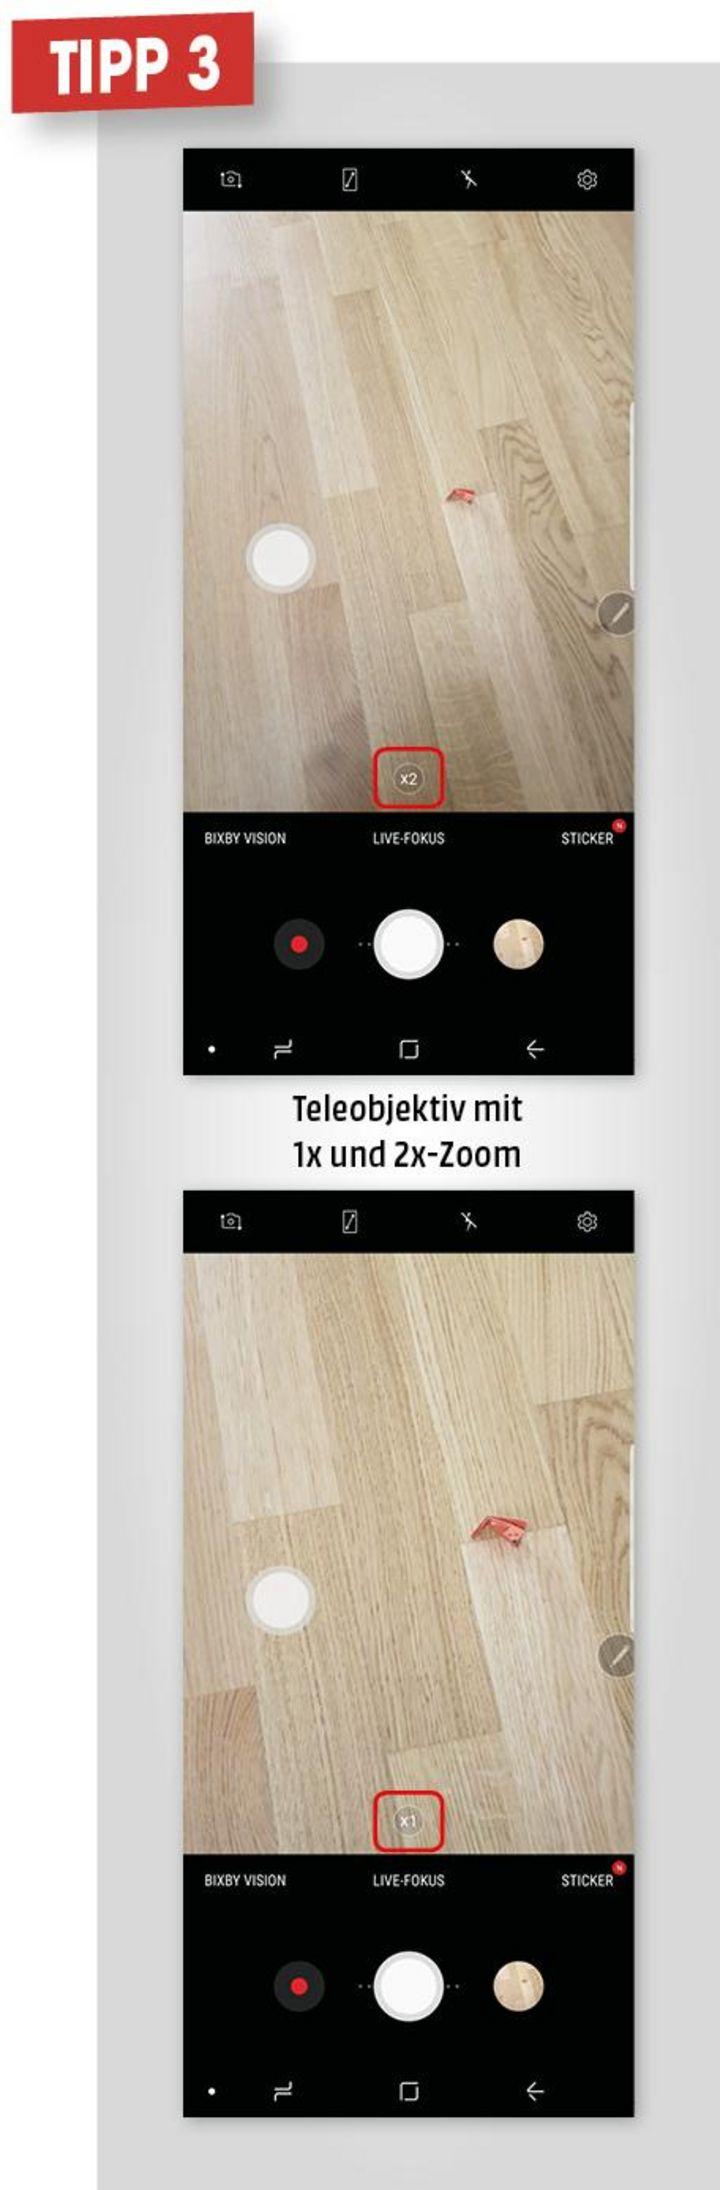 3. Teleobjektiv